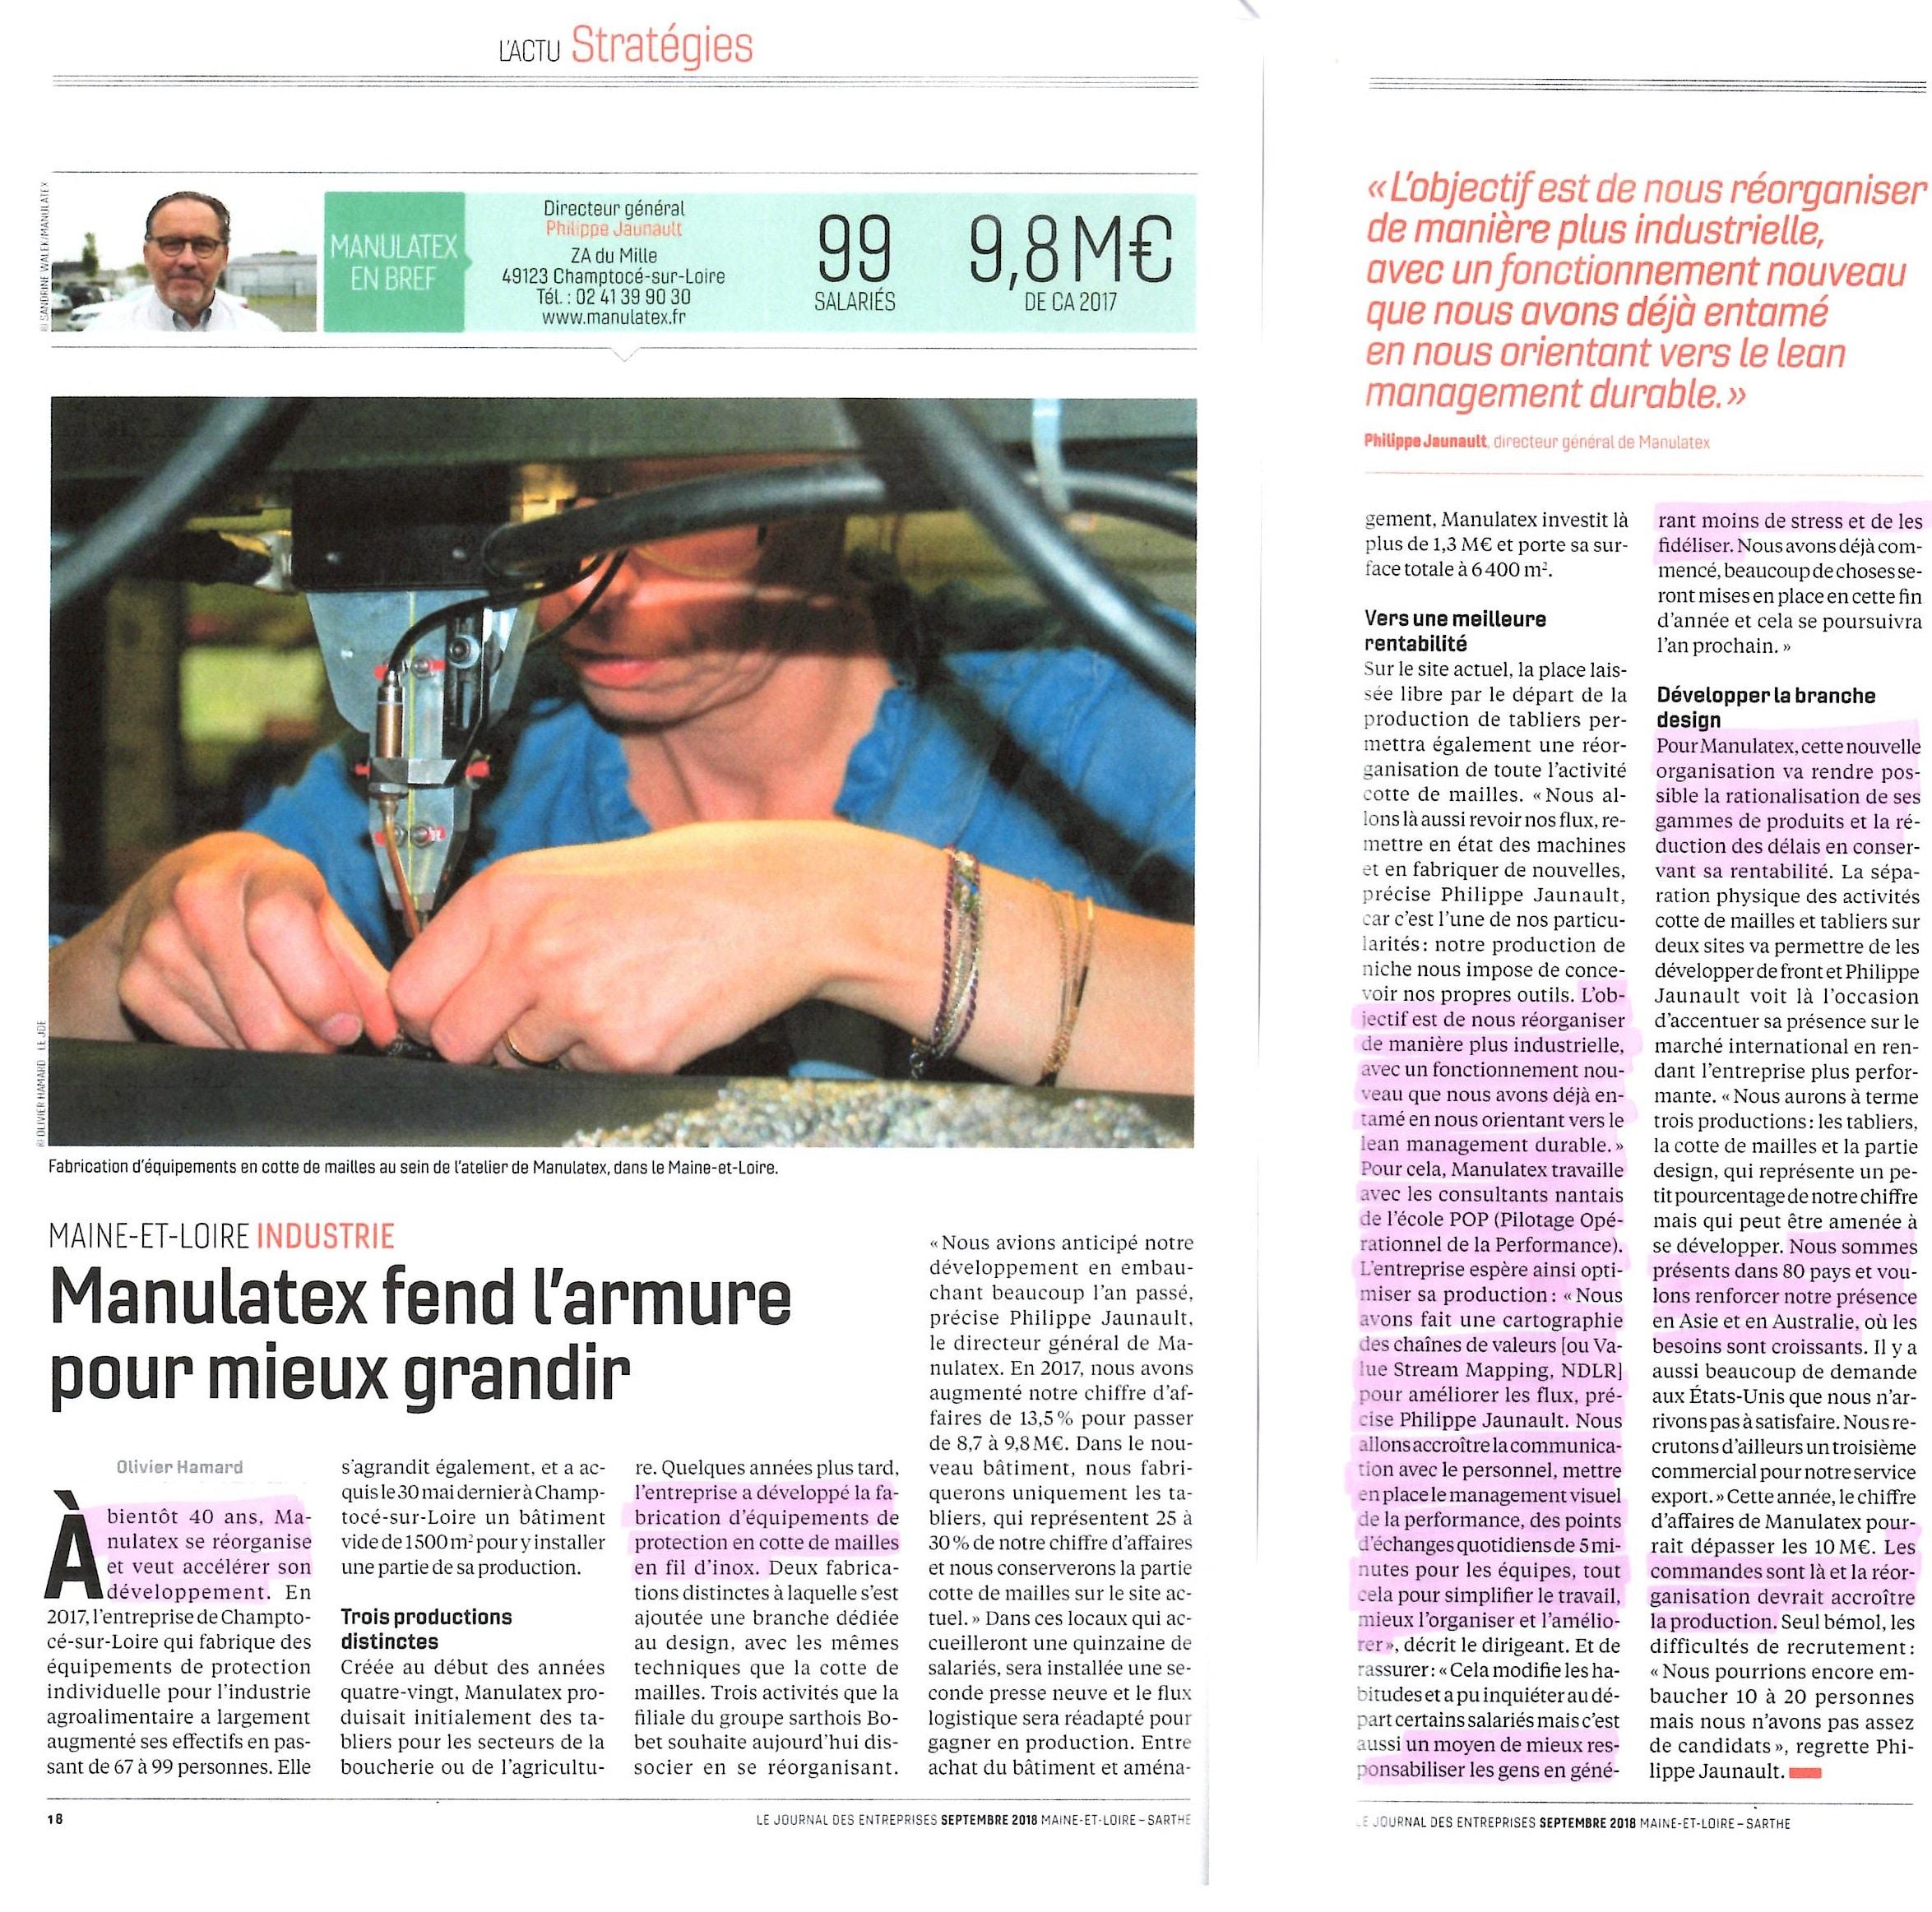 Manulatex - lean management - Ecole POP - management visuel de la performance - VSM